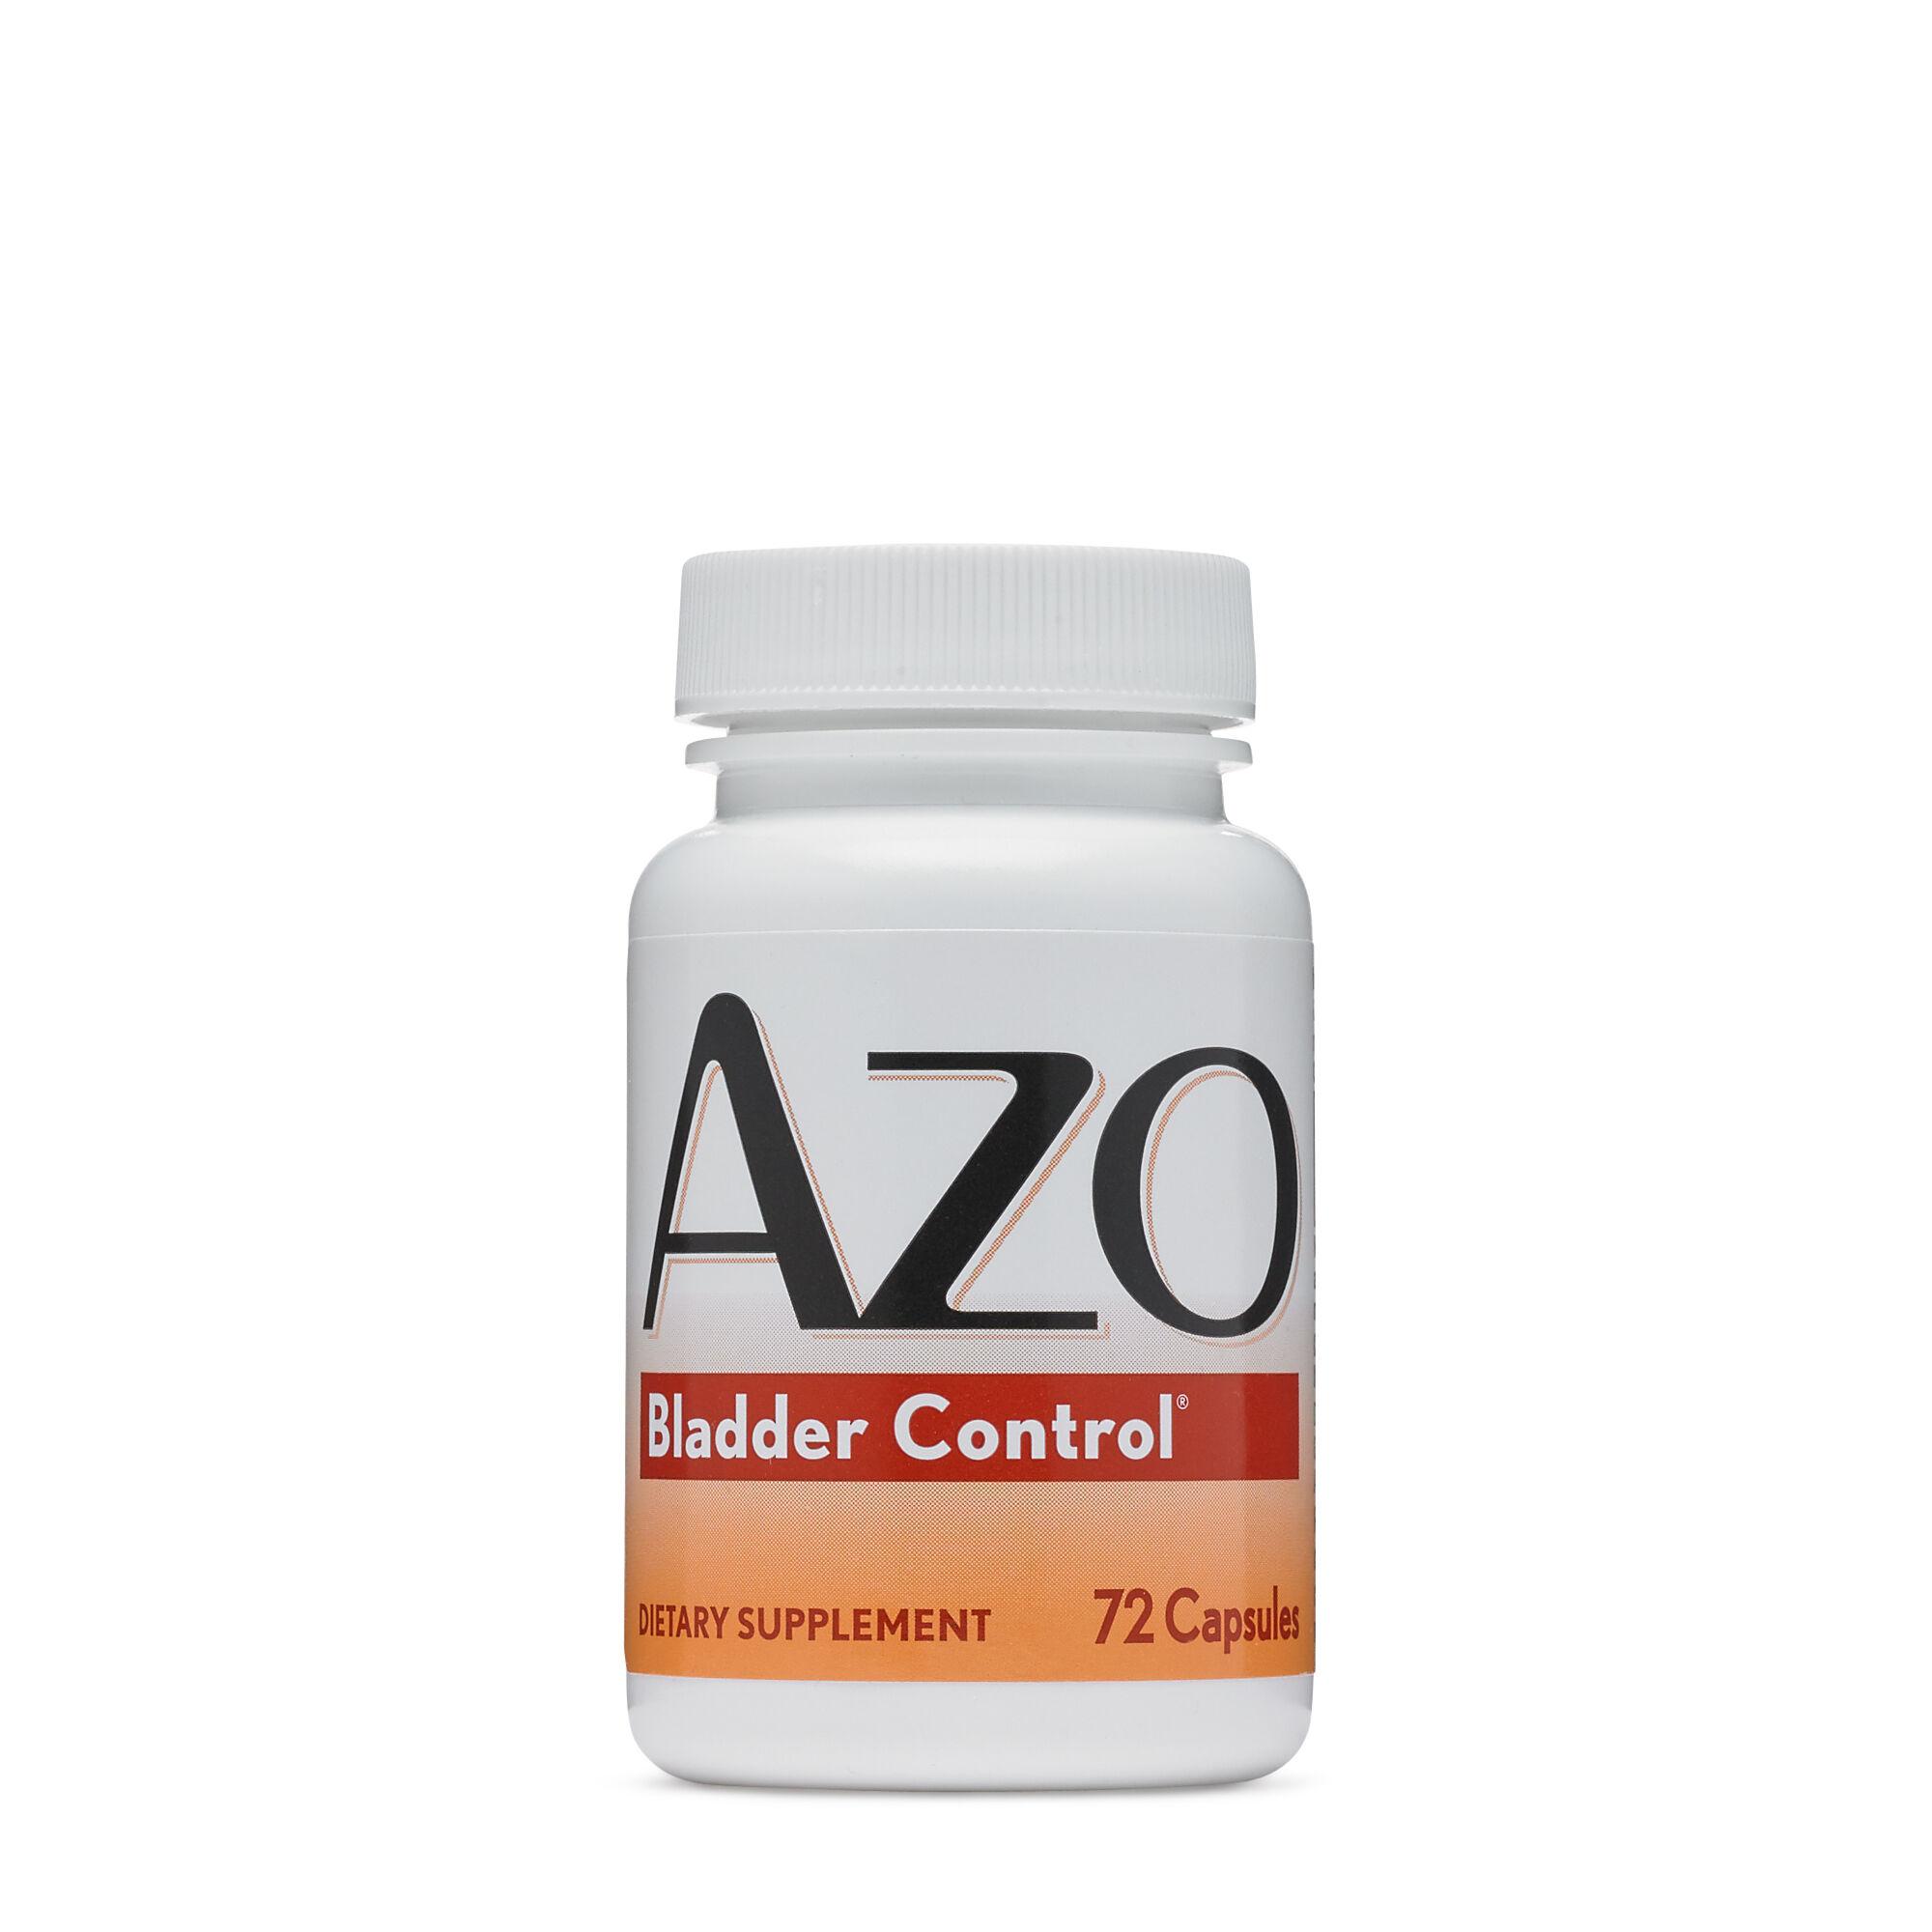 Azo Bladder Control >> Azo Bladder Control With Go Less